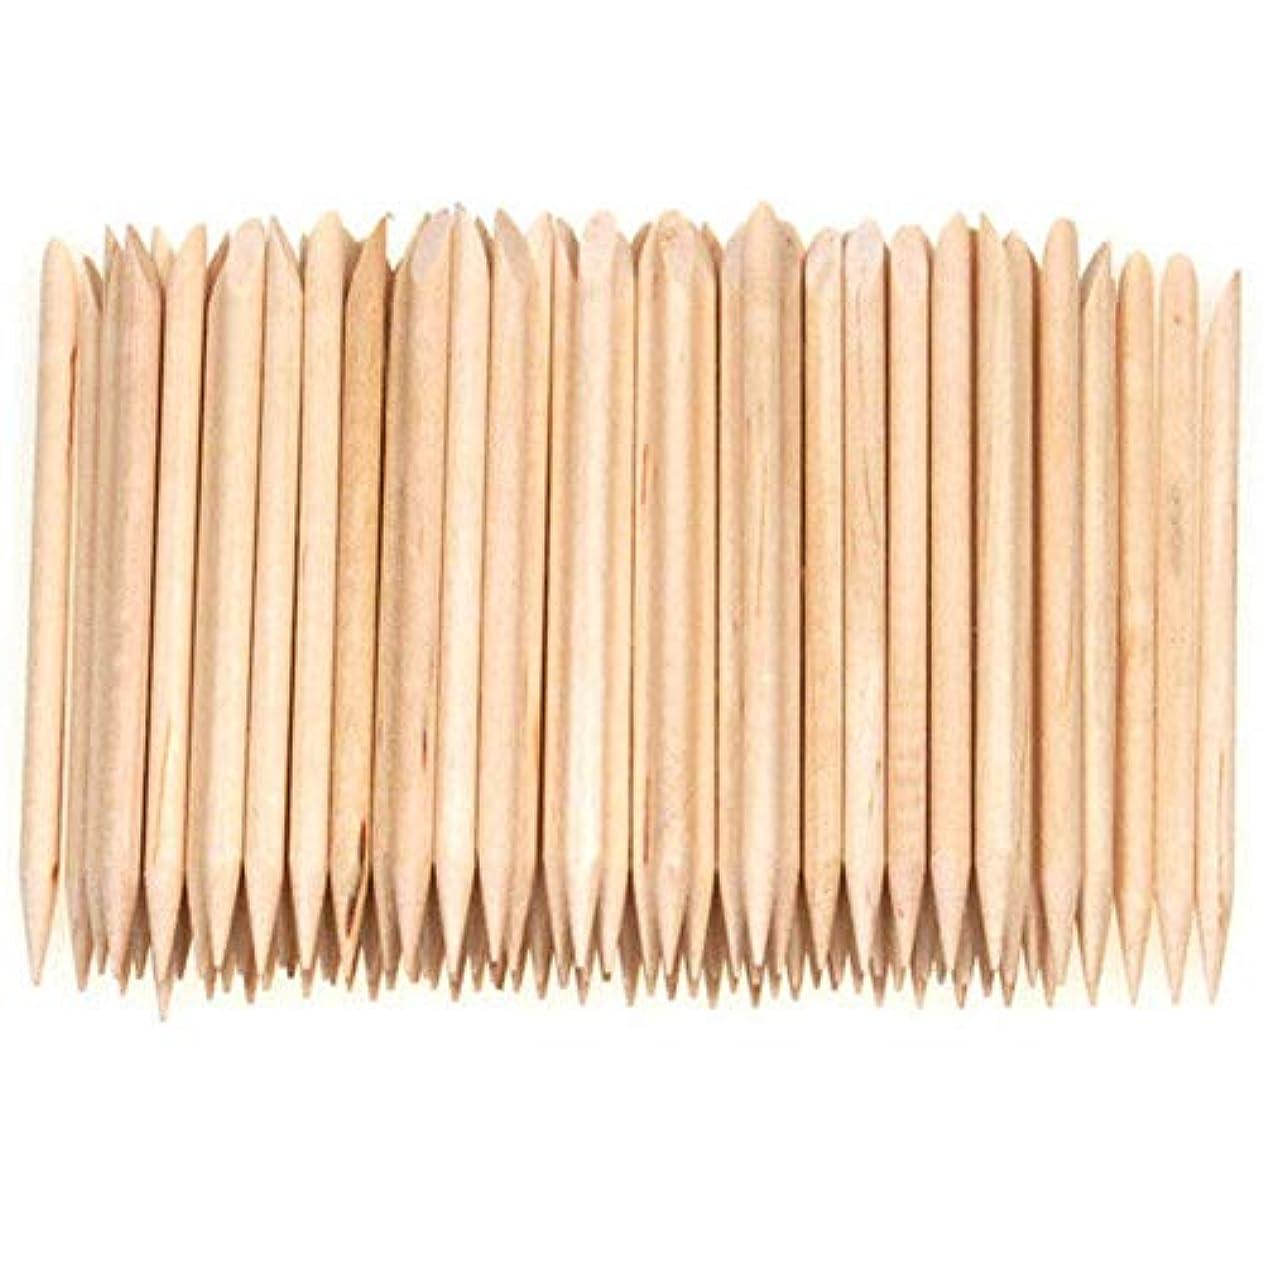 冷えるモスアヒルVaorwne 100個ネイルアートデザイン木製の棒キューティクルプッシャーリムーバーマニキュアケア